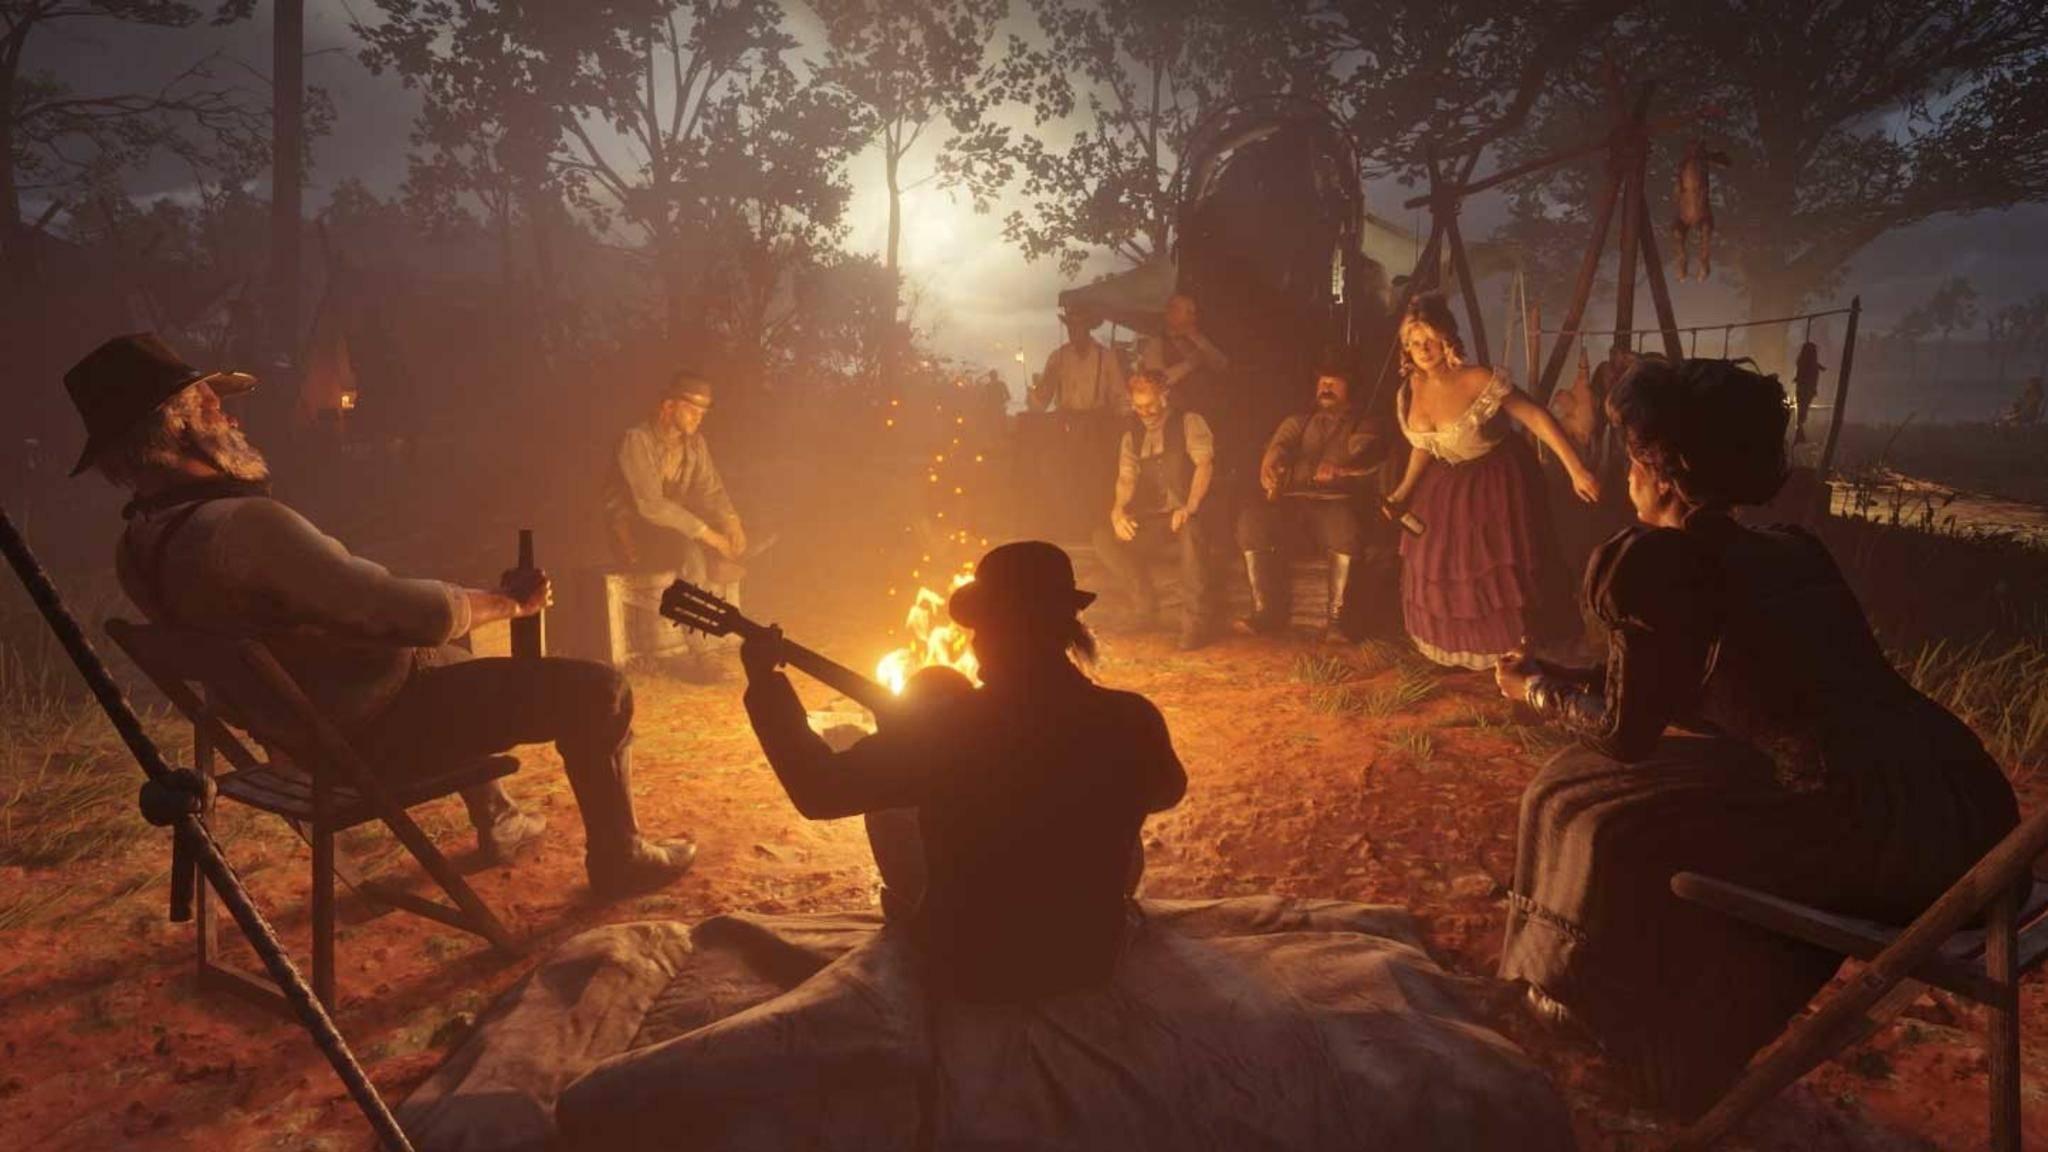 """Von wegen Idylle: Fans von """"Red Dead Redemption 2"""" vermuten ein Downgrade!"""